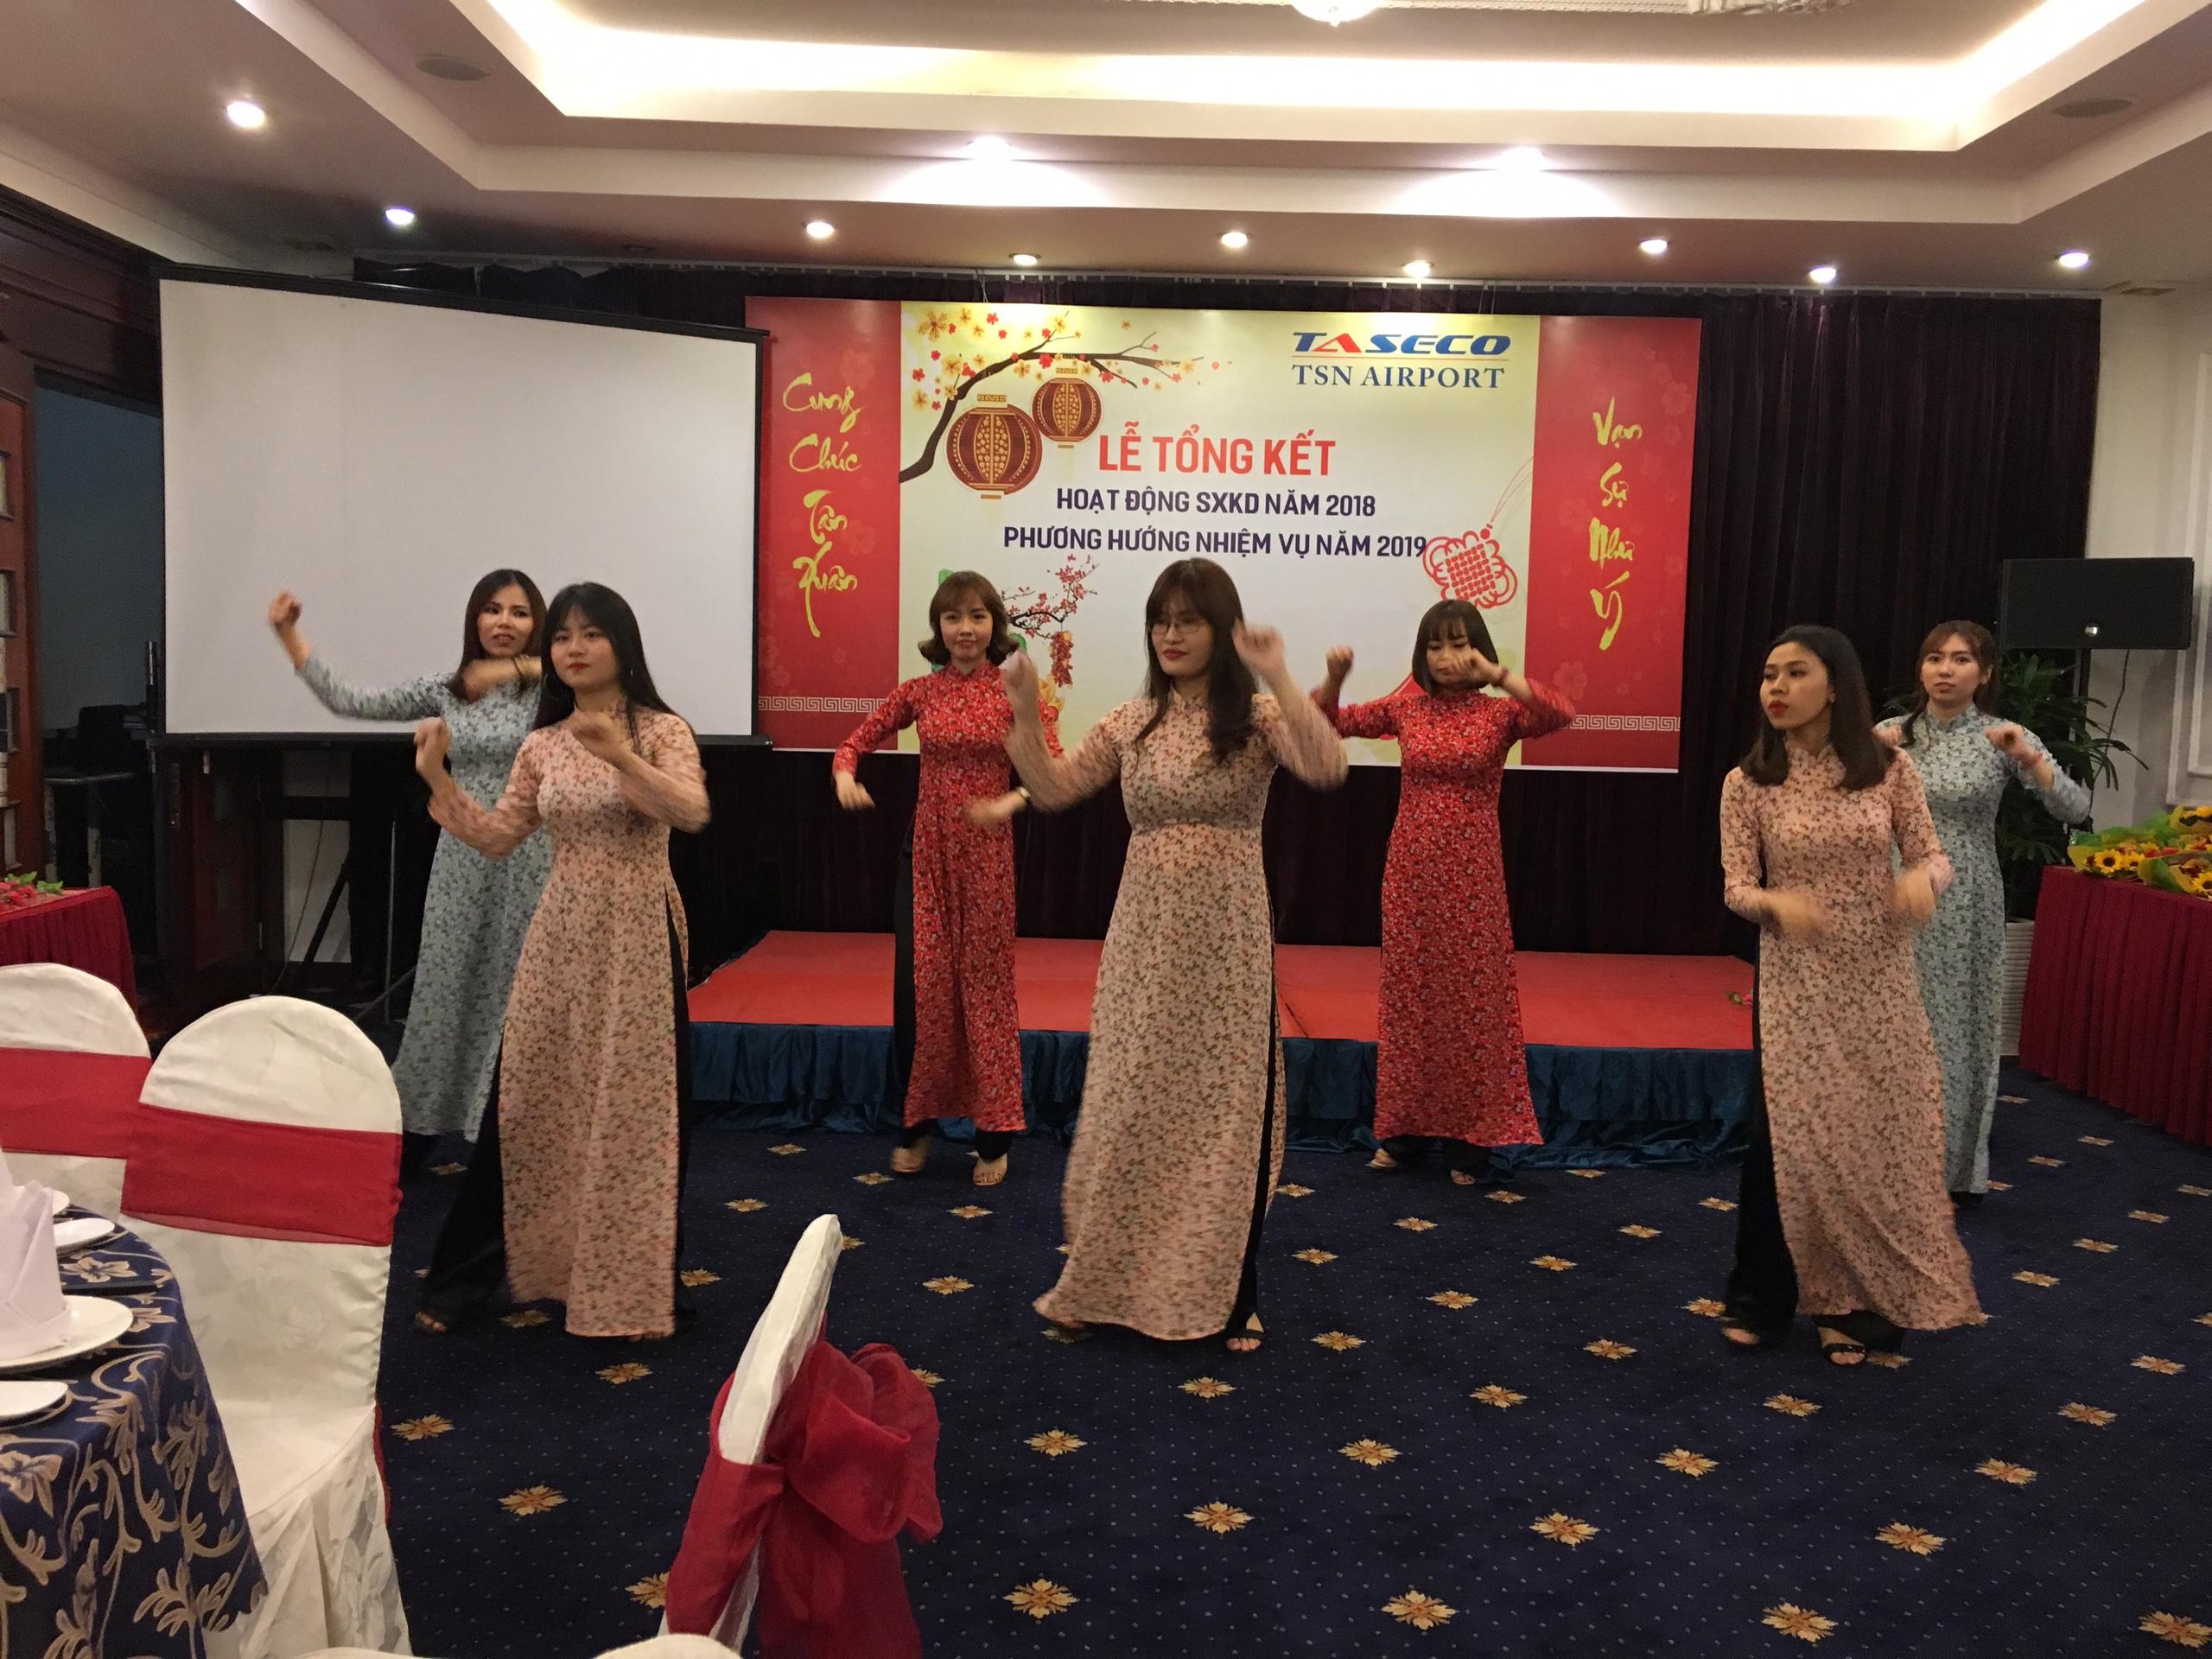 Tết mục văn nghệ tổng kết cuối năm Taseco Sài Gòn